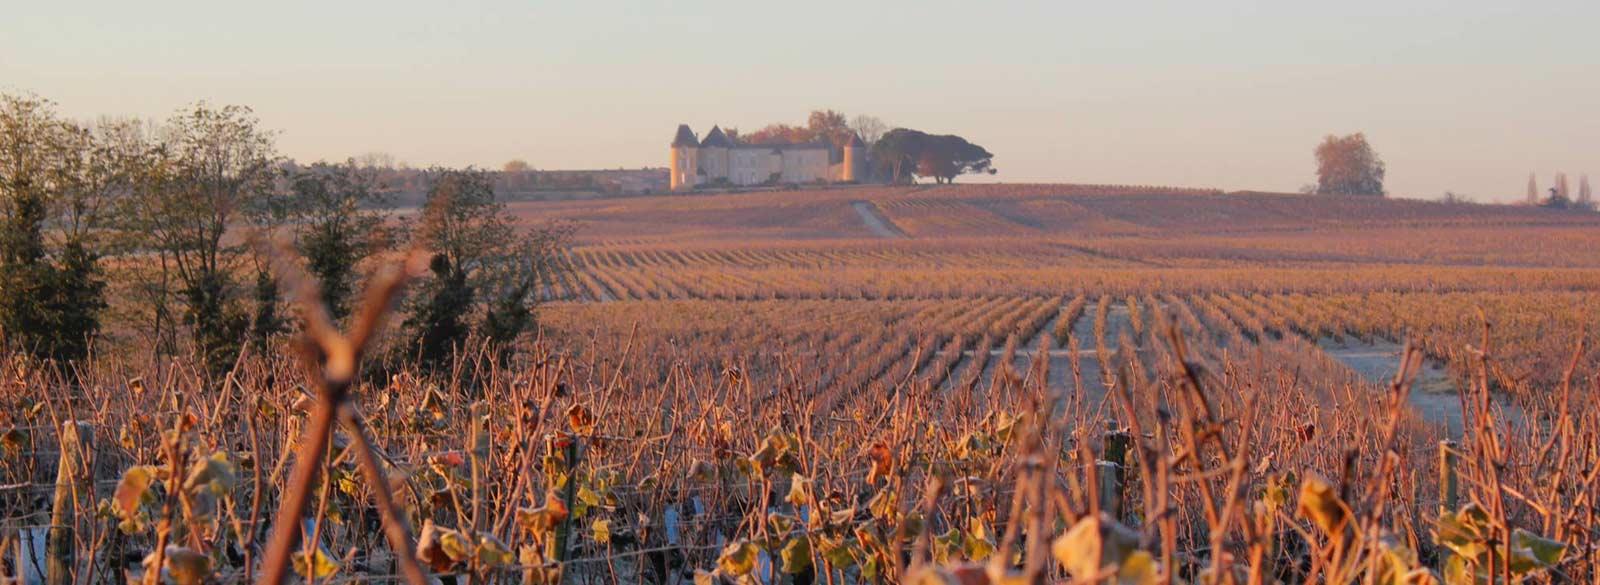 12 cosas que no sabías sobre Château d'Yquem (el mejor vino dulce del mundo)